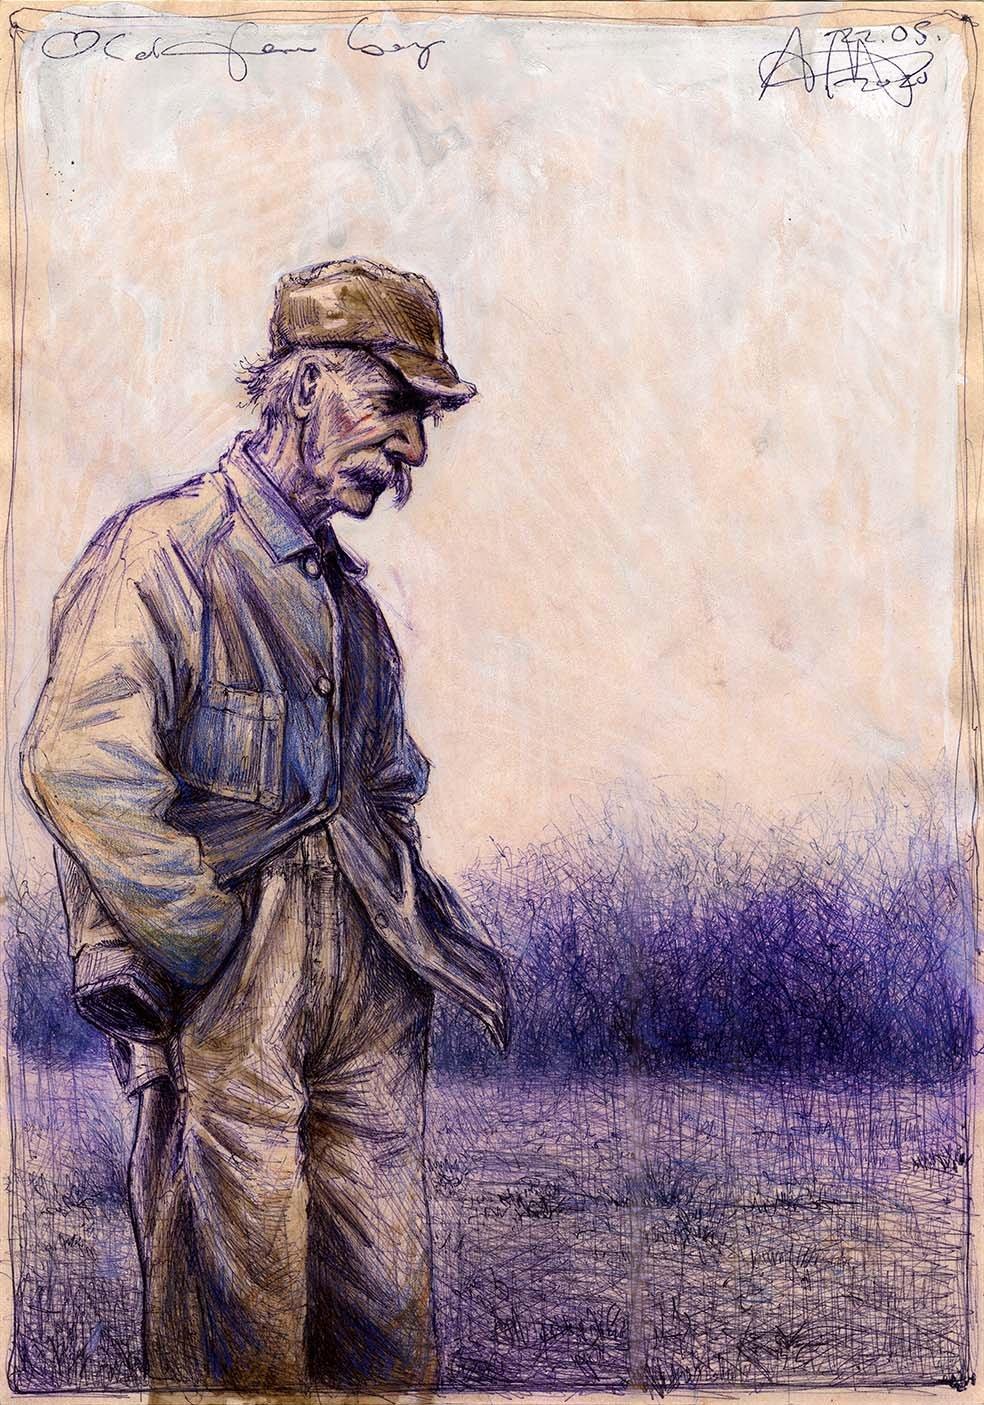 Old farm boy